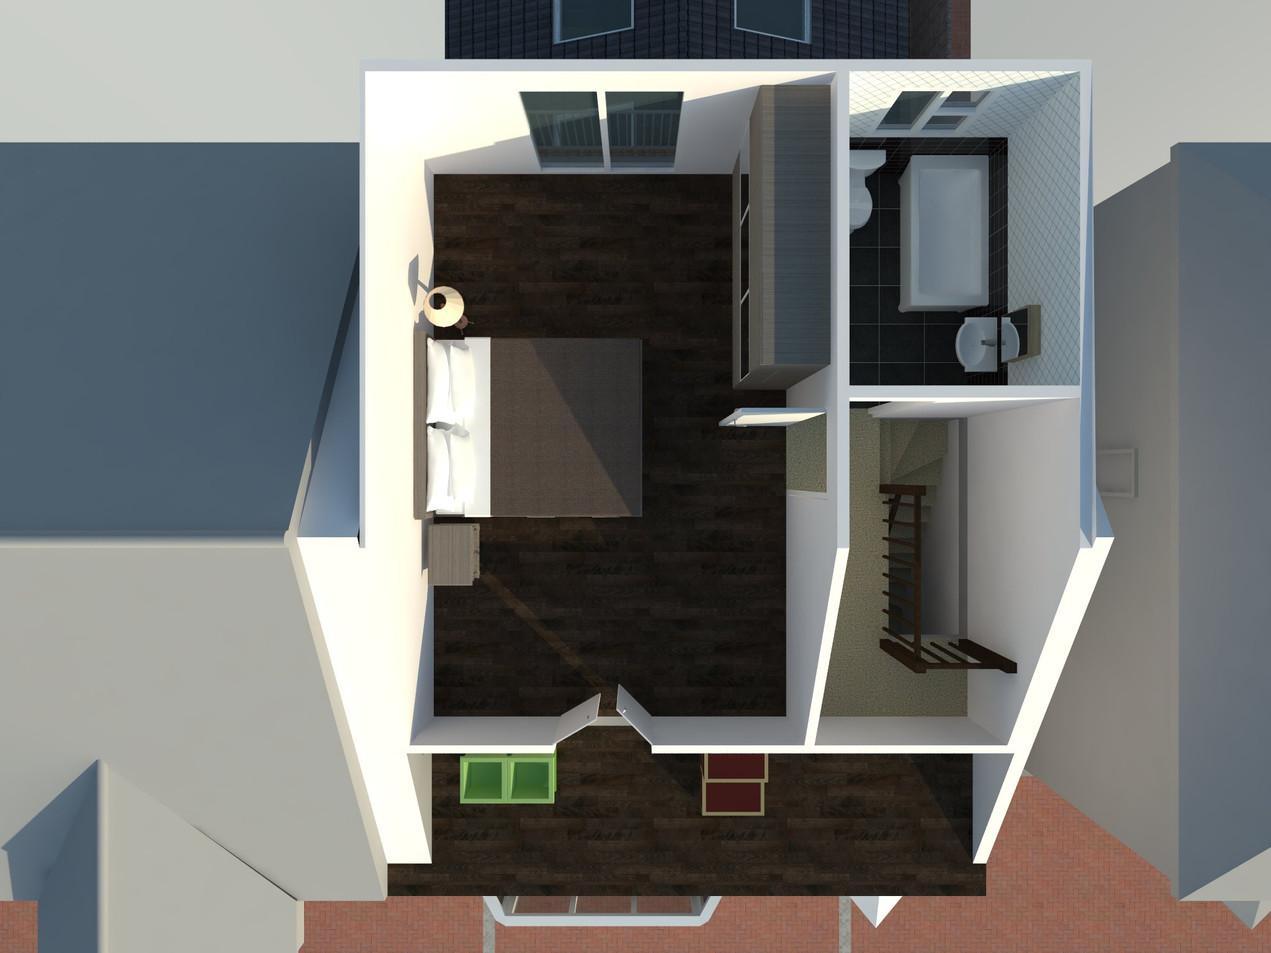 render_loft top view.jpg